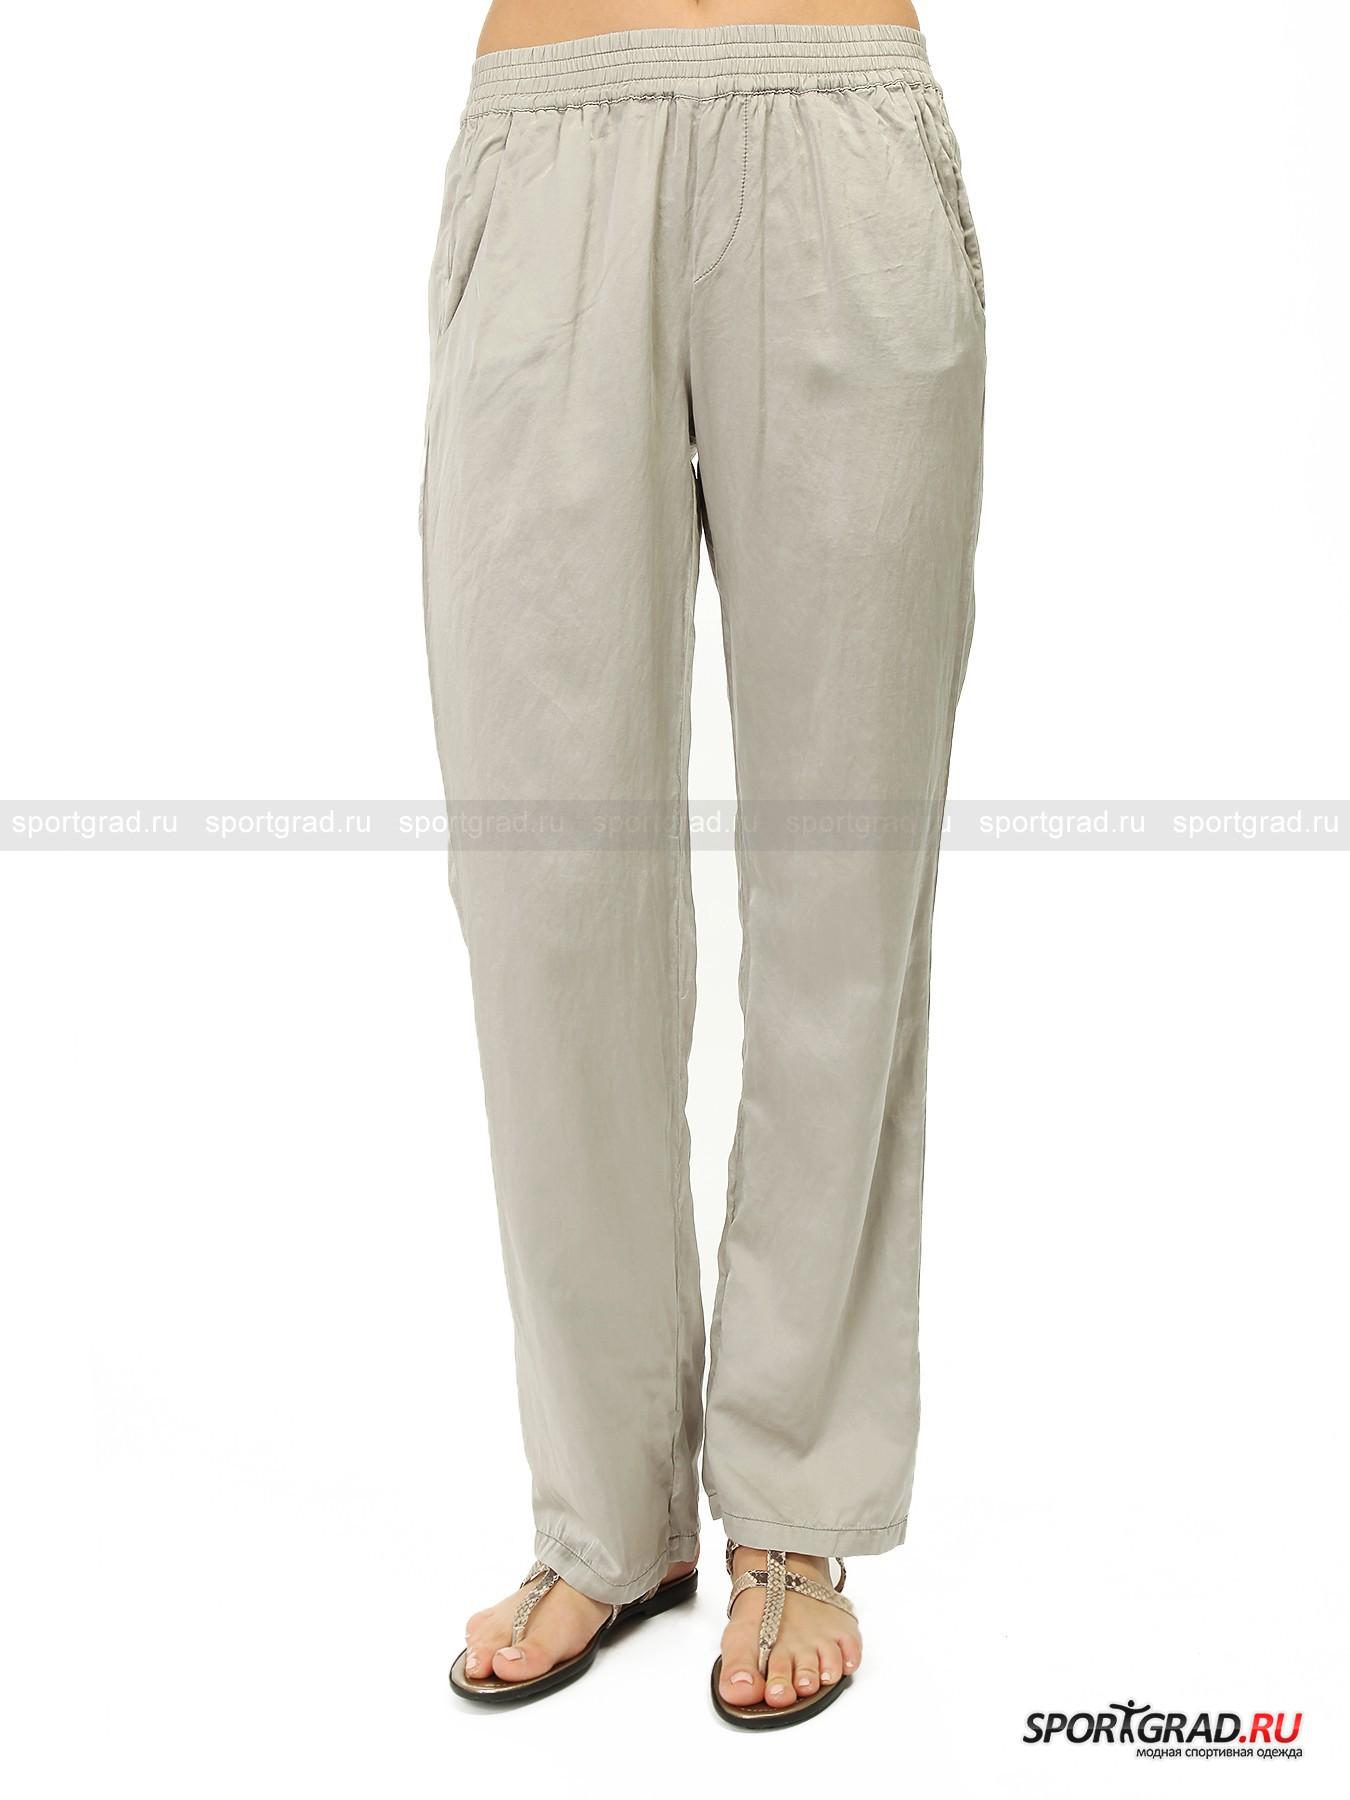 Брюки женские из шелка и хлопка Pants DEHAБрюки<br>Брюки Pants Deha идеальны для лета: легкая тонкая ткань отлично подойдет для жаркой погоды, свободный фасон позволит чувствовать максимальный комфорт. Штаны изготовлены наполовину из шелка, что придает материалу потрясающий внешний вид, гладкость, мягкость и приятный отблеск. <br>Особенности модели:<br>- пояс на резинке;<br>- два карман по бокам;<br>- прямой крой;<br>- фирменная нашивка Deha.<br><br>Пол: Женский<br>Возраст: Взрослый<br>Тип: Брюки<br>Рекомендации по уходу: стирка в теплой воде до 30 С; не отбеливать; гладить слегка нагретым утюгом (температура до 110 C); химическая чистка сухим способом; нельзя выжимать и сушить в стиральной машине<br>Состав: 51% шелк, 49% хлопок